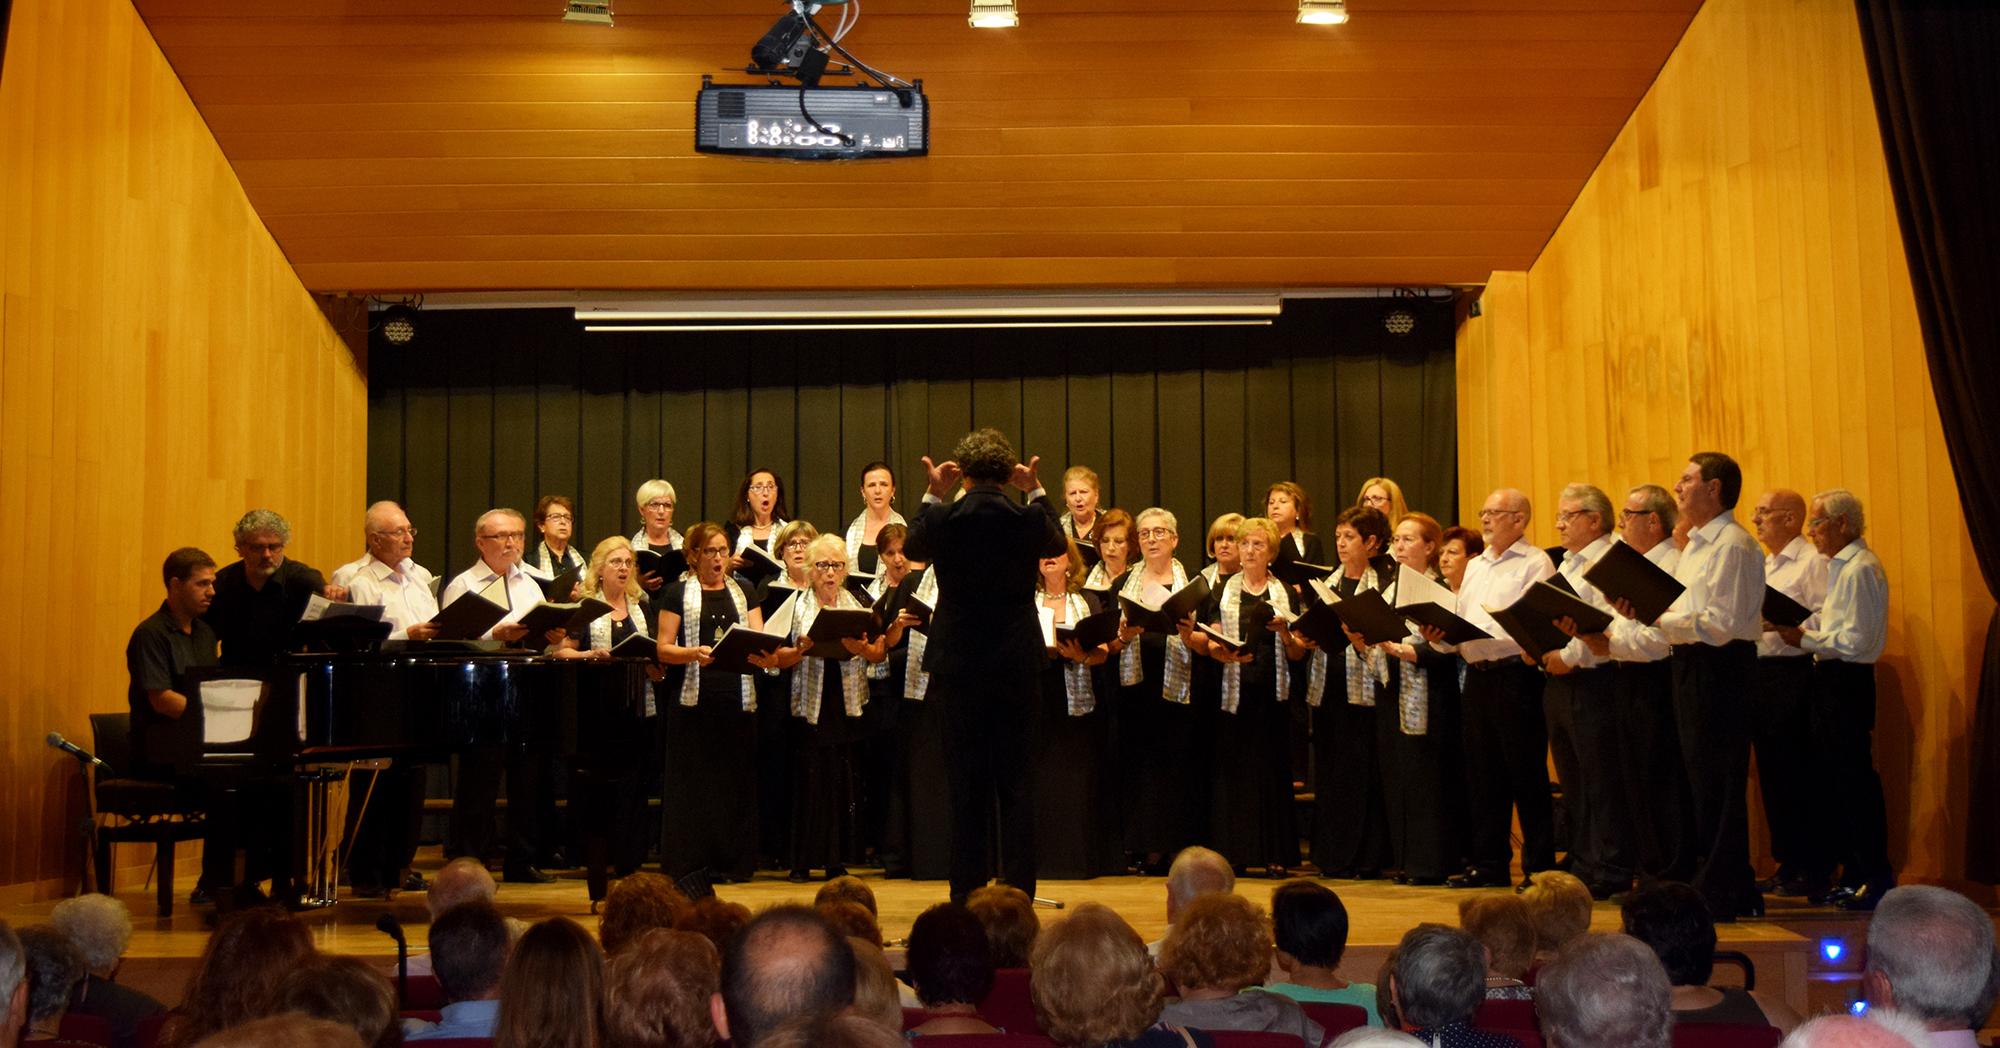 L'actuació s'emmarca en la XV Campanya de Concerts d'Intercanvis Musicals de la Generalitat Valenciana.